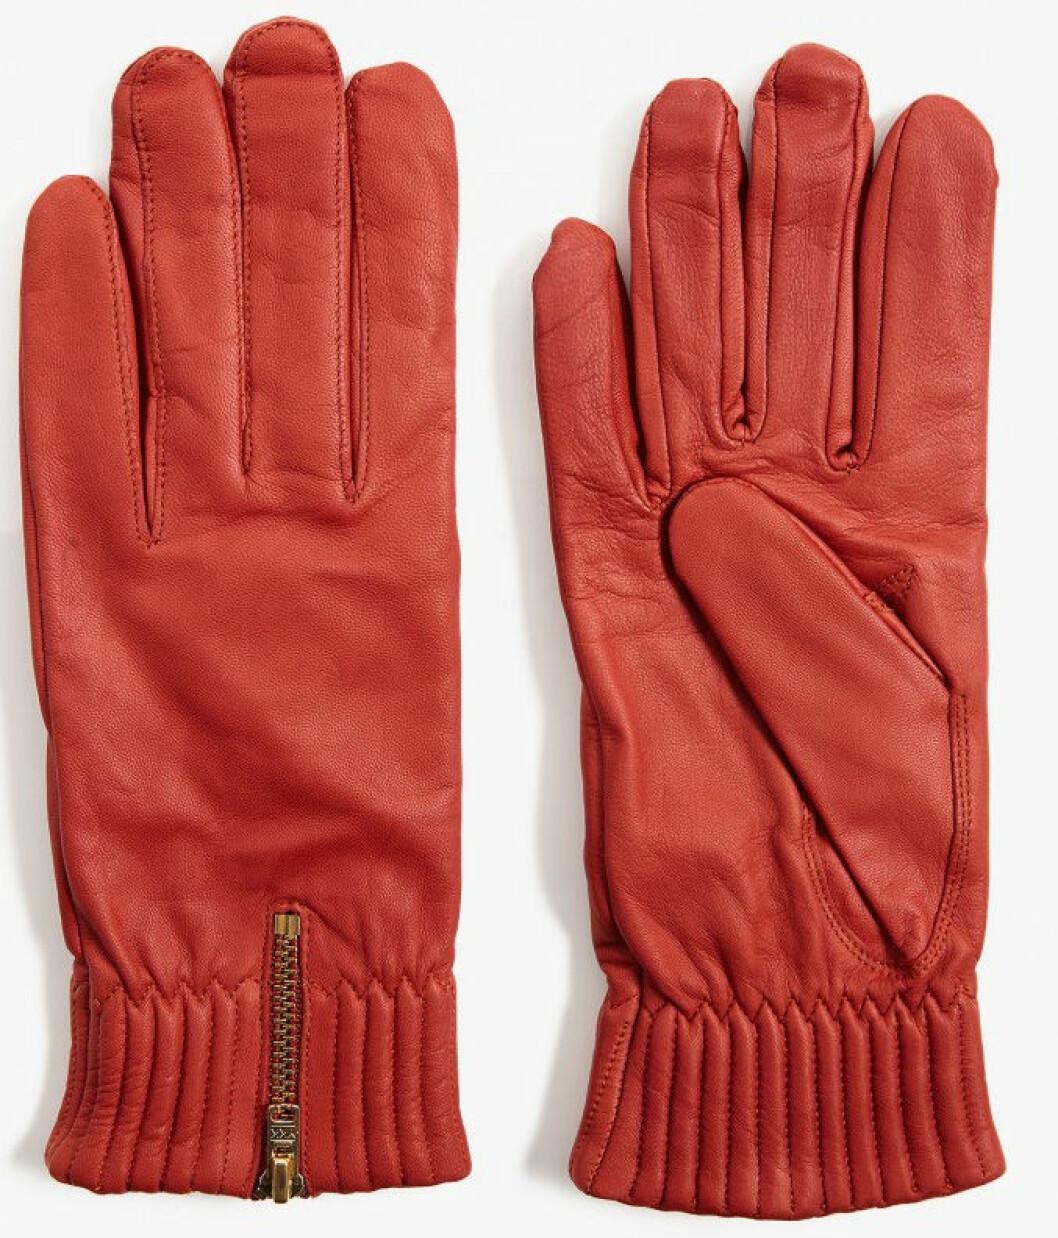 handskar filippa k orange